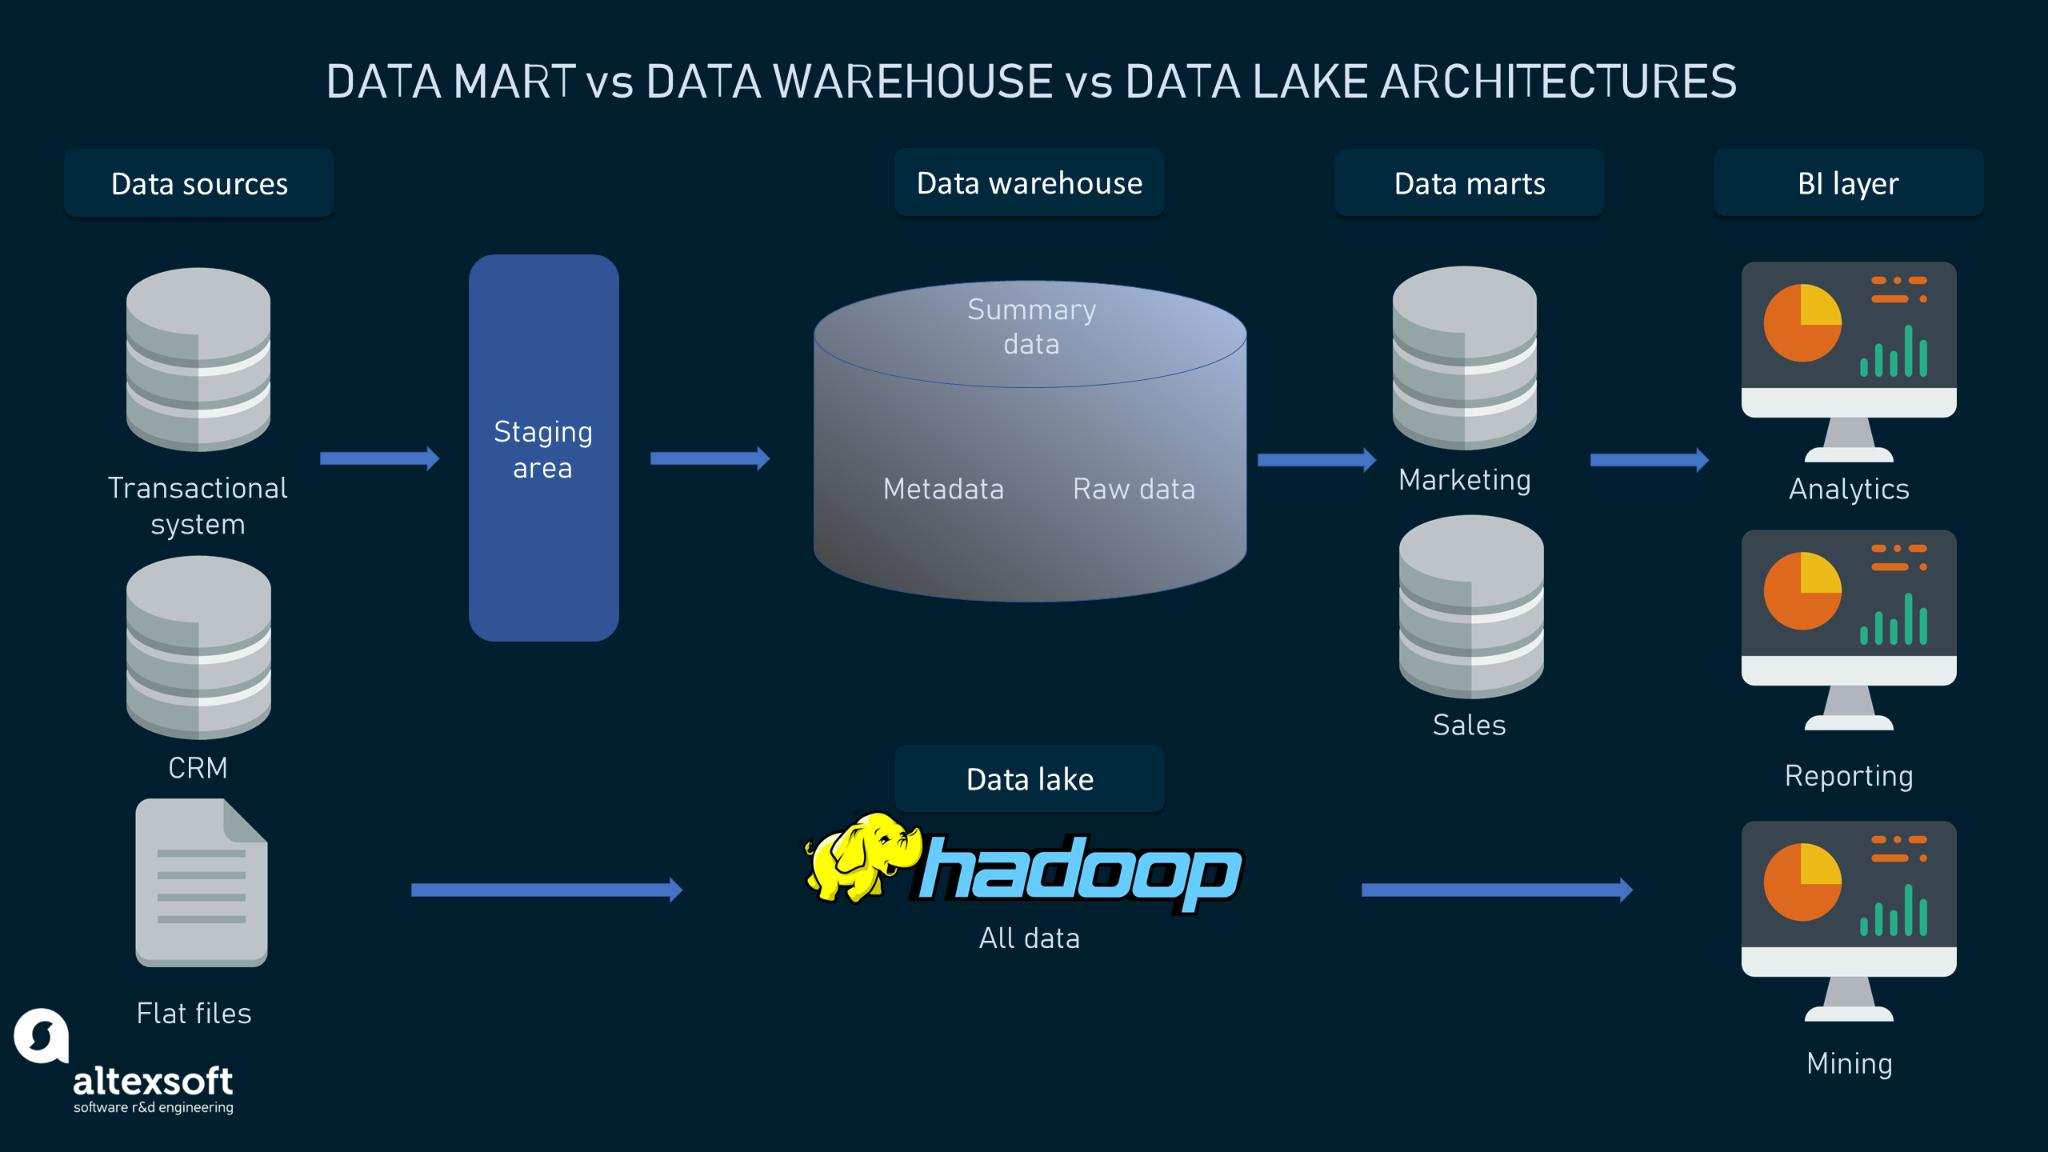 Data mart vs data warehouse vs data lake architectures